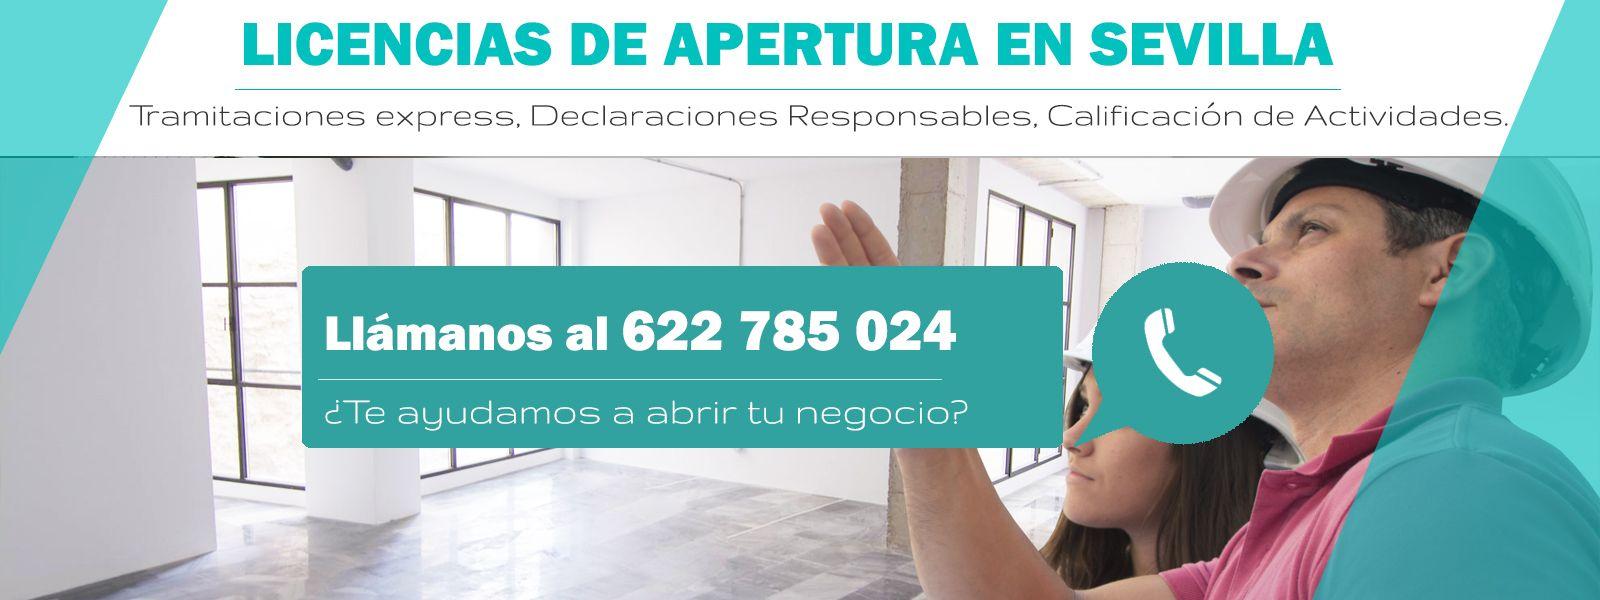 Licencias Apertura Sevilla